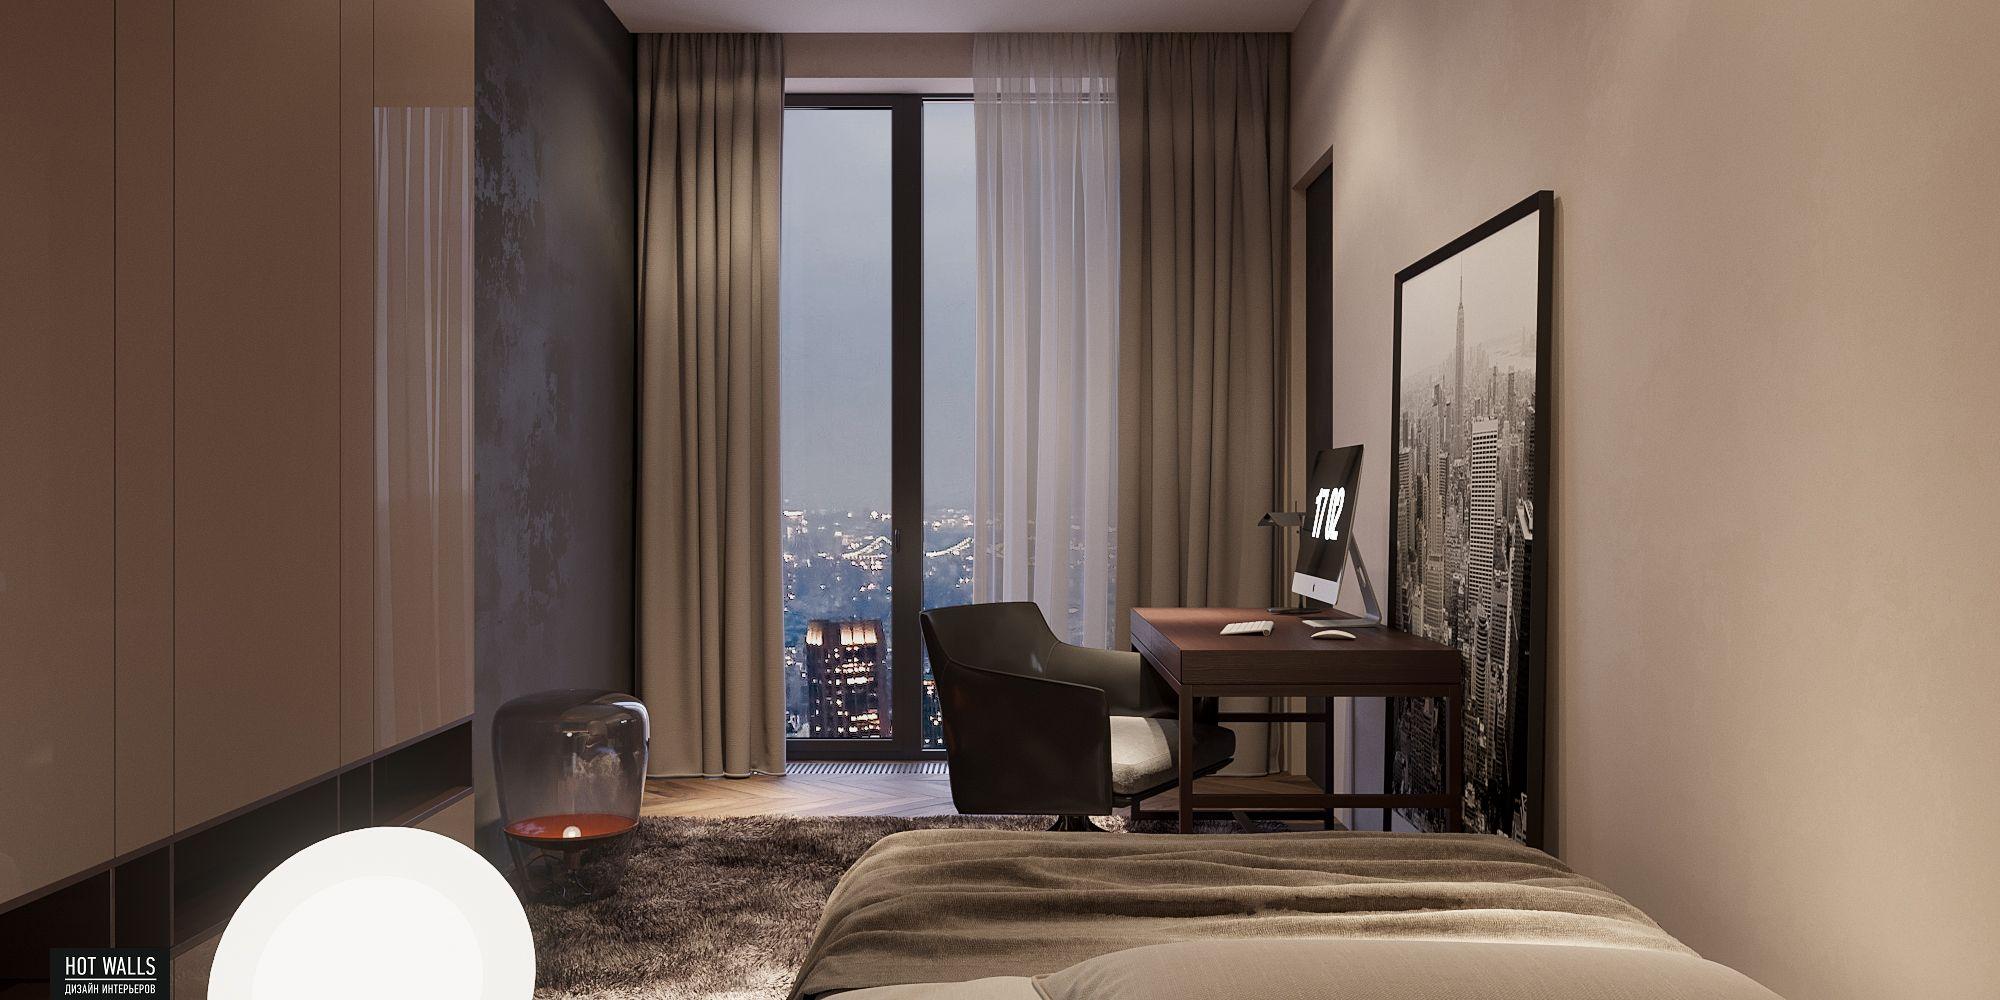 Guest_Bedroom_17.10.17